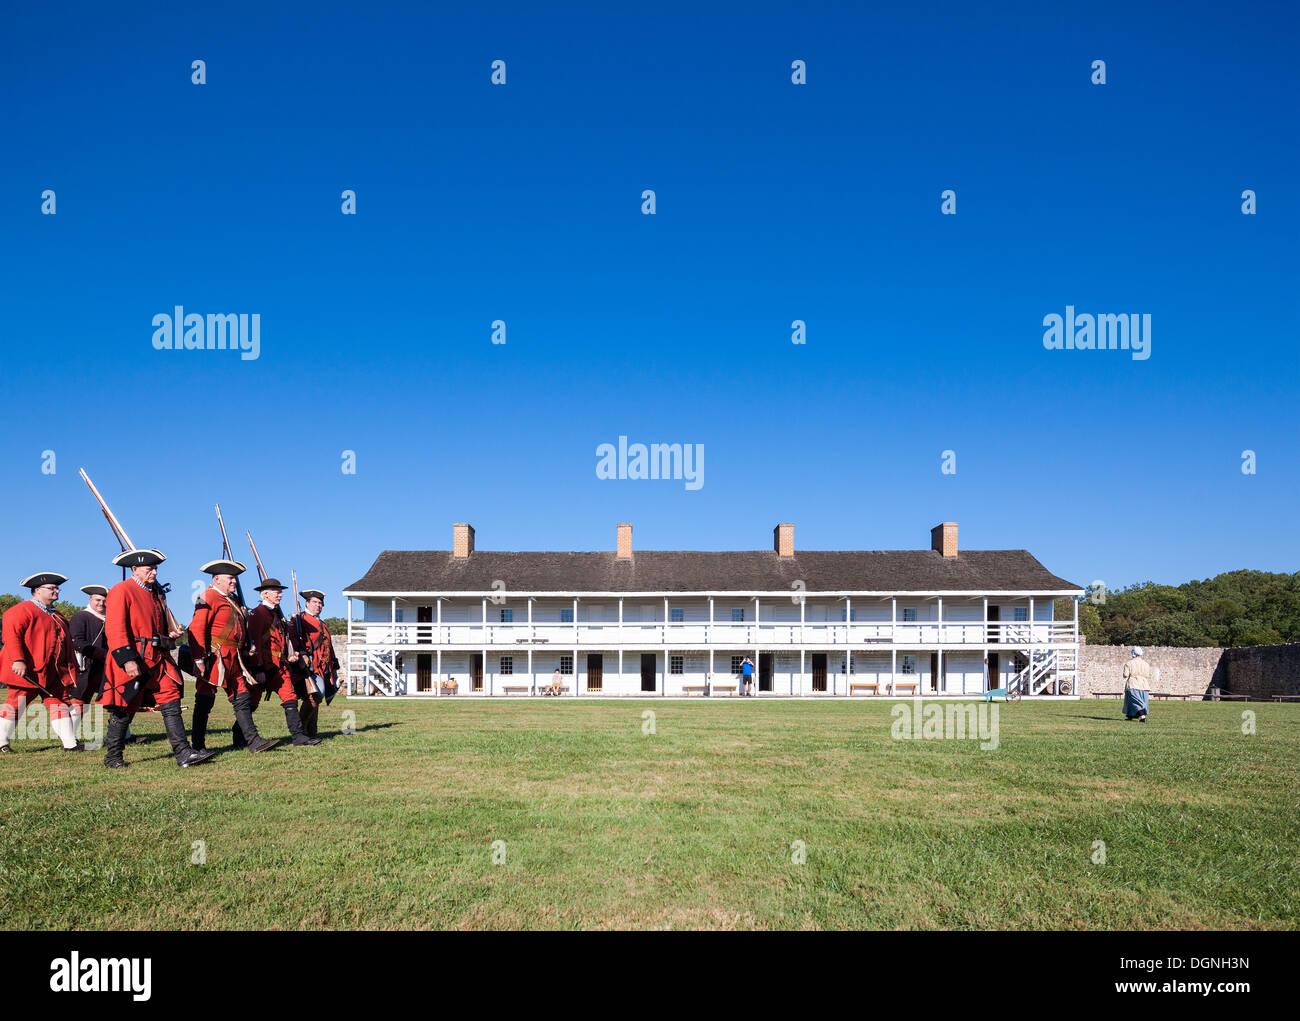 Historischen 18. Jahrhundert Alltag in Fort Frederick Maryland. Freiwillige marschieren mit historischen Uniformen Stockbild